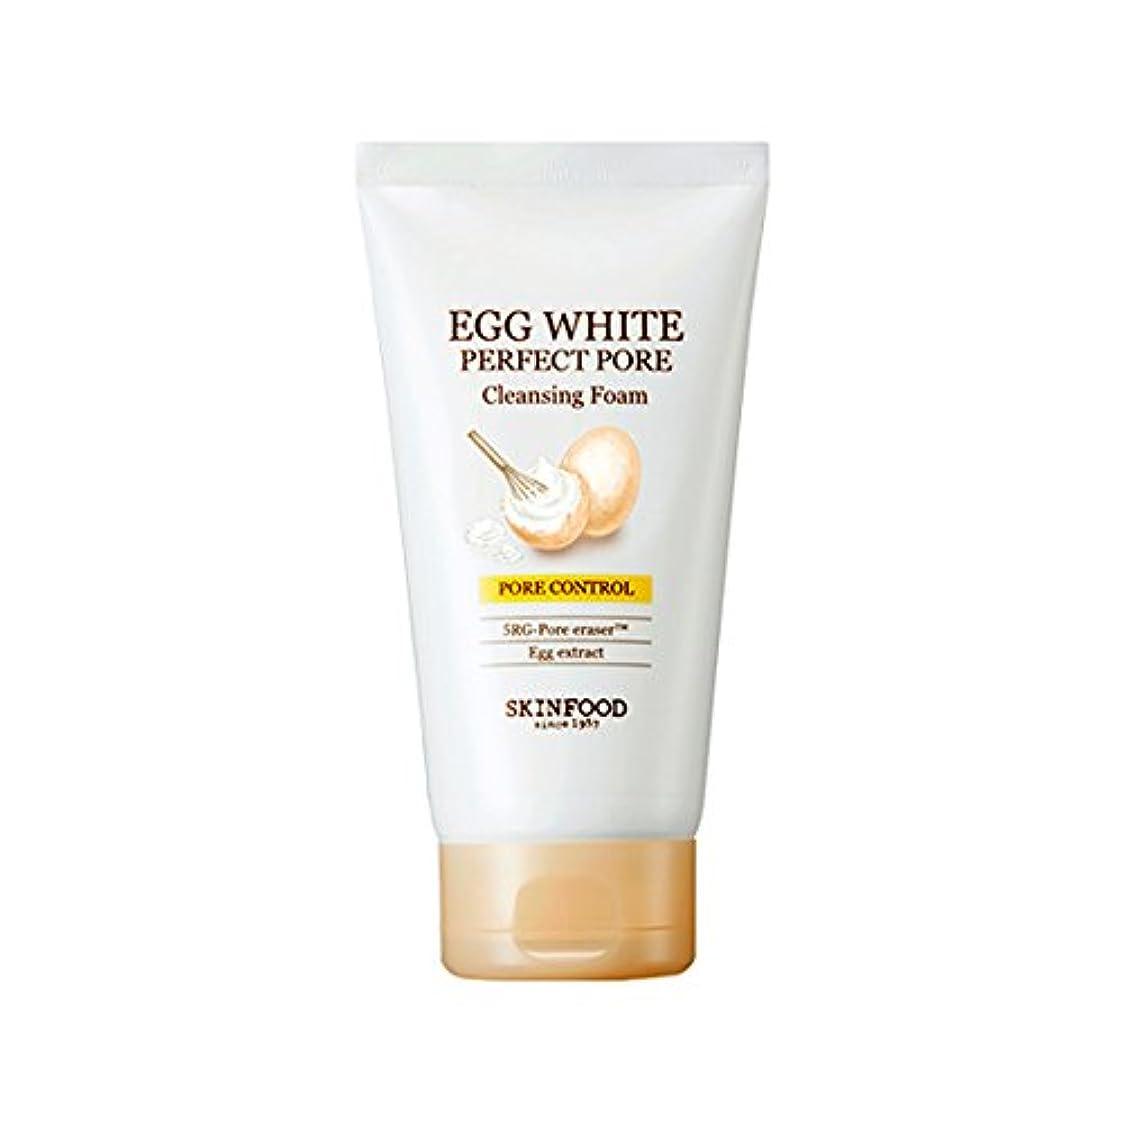 シダロック壮大Skinfood/Egg White Perfect Pore Cleansing Foam/エッグホワイトパーフェクトポアクレンジングフォーム/150ml [並行輸入品]